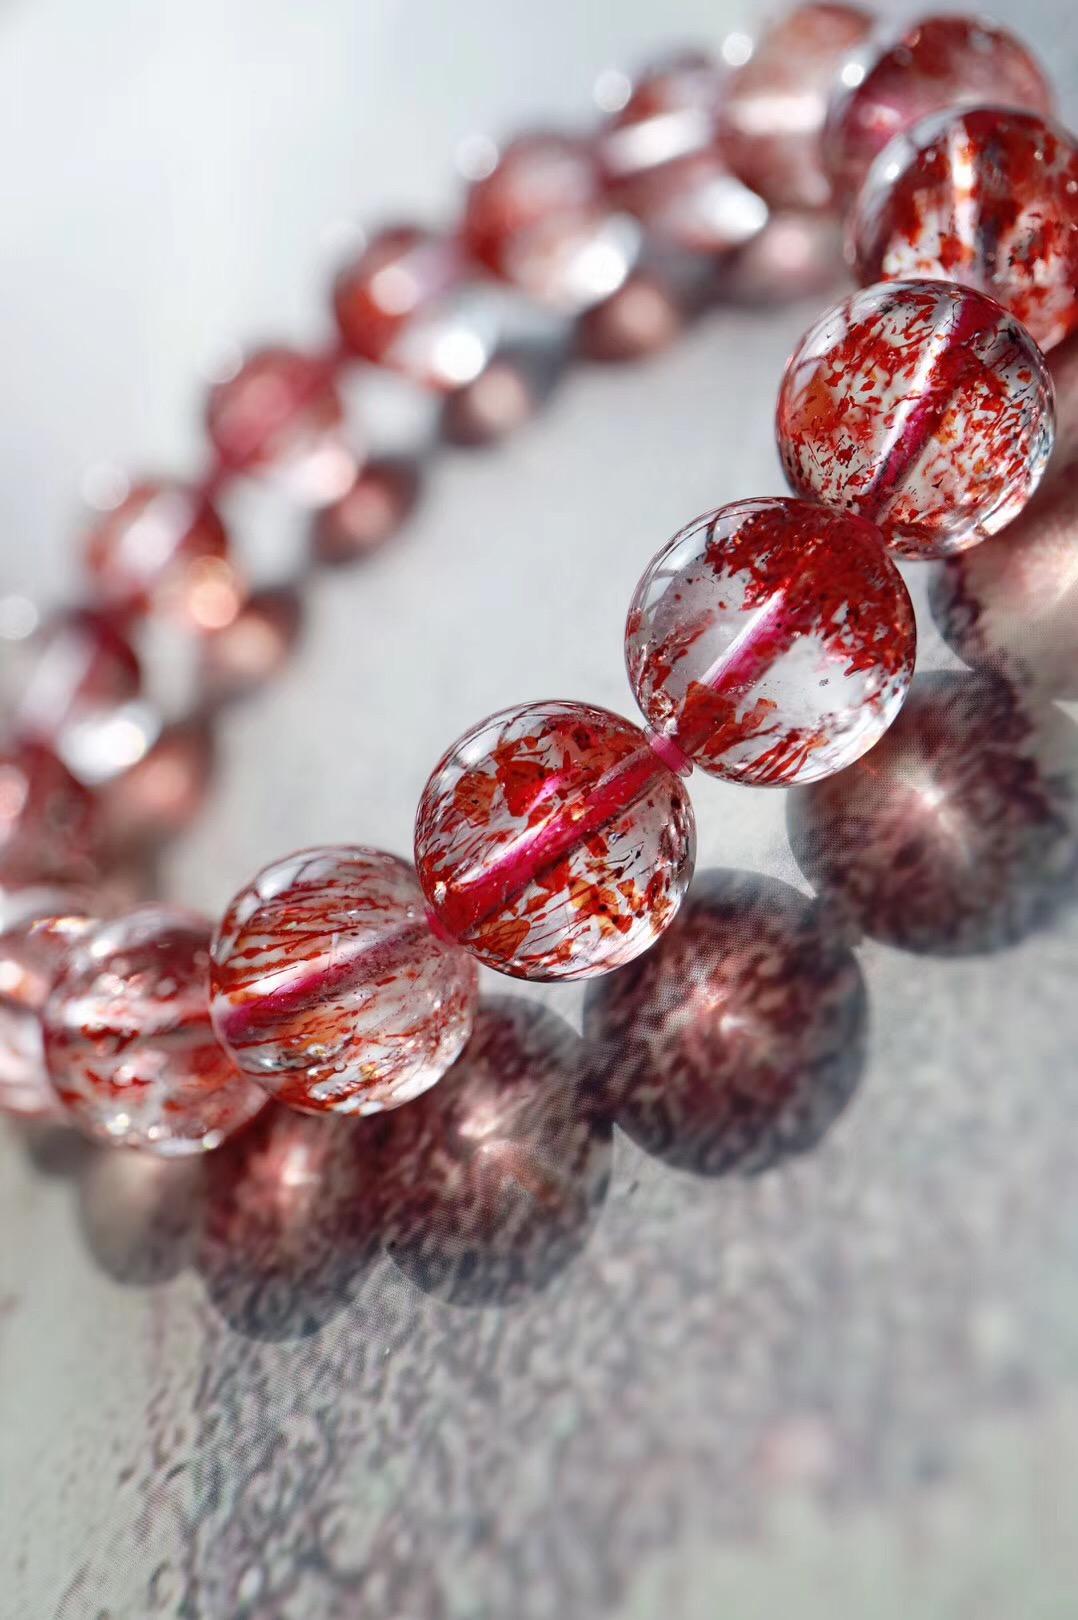 【超七金草莓晶 】内心因丰盈而清透,精神因明朗而蓬勃,灵魂因丰富而深邃~-菩心晶舍